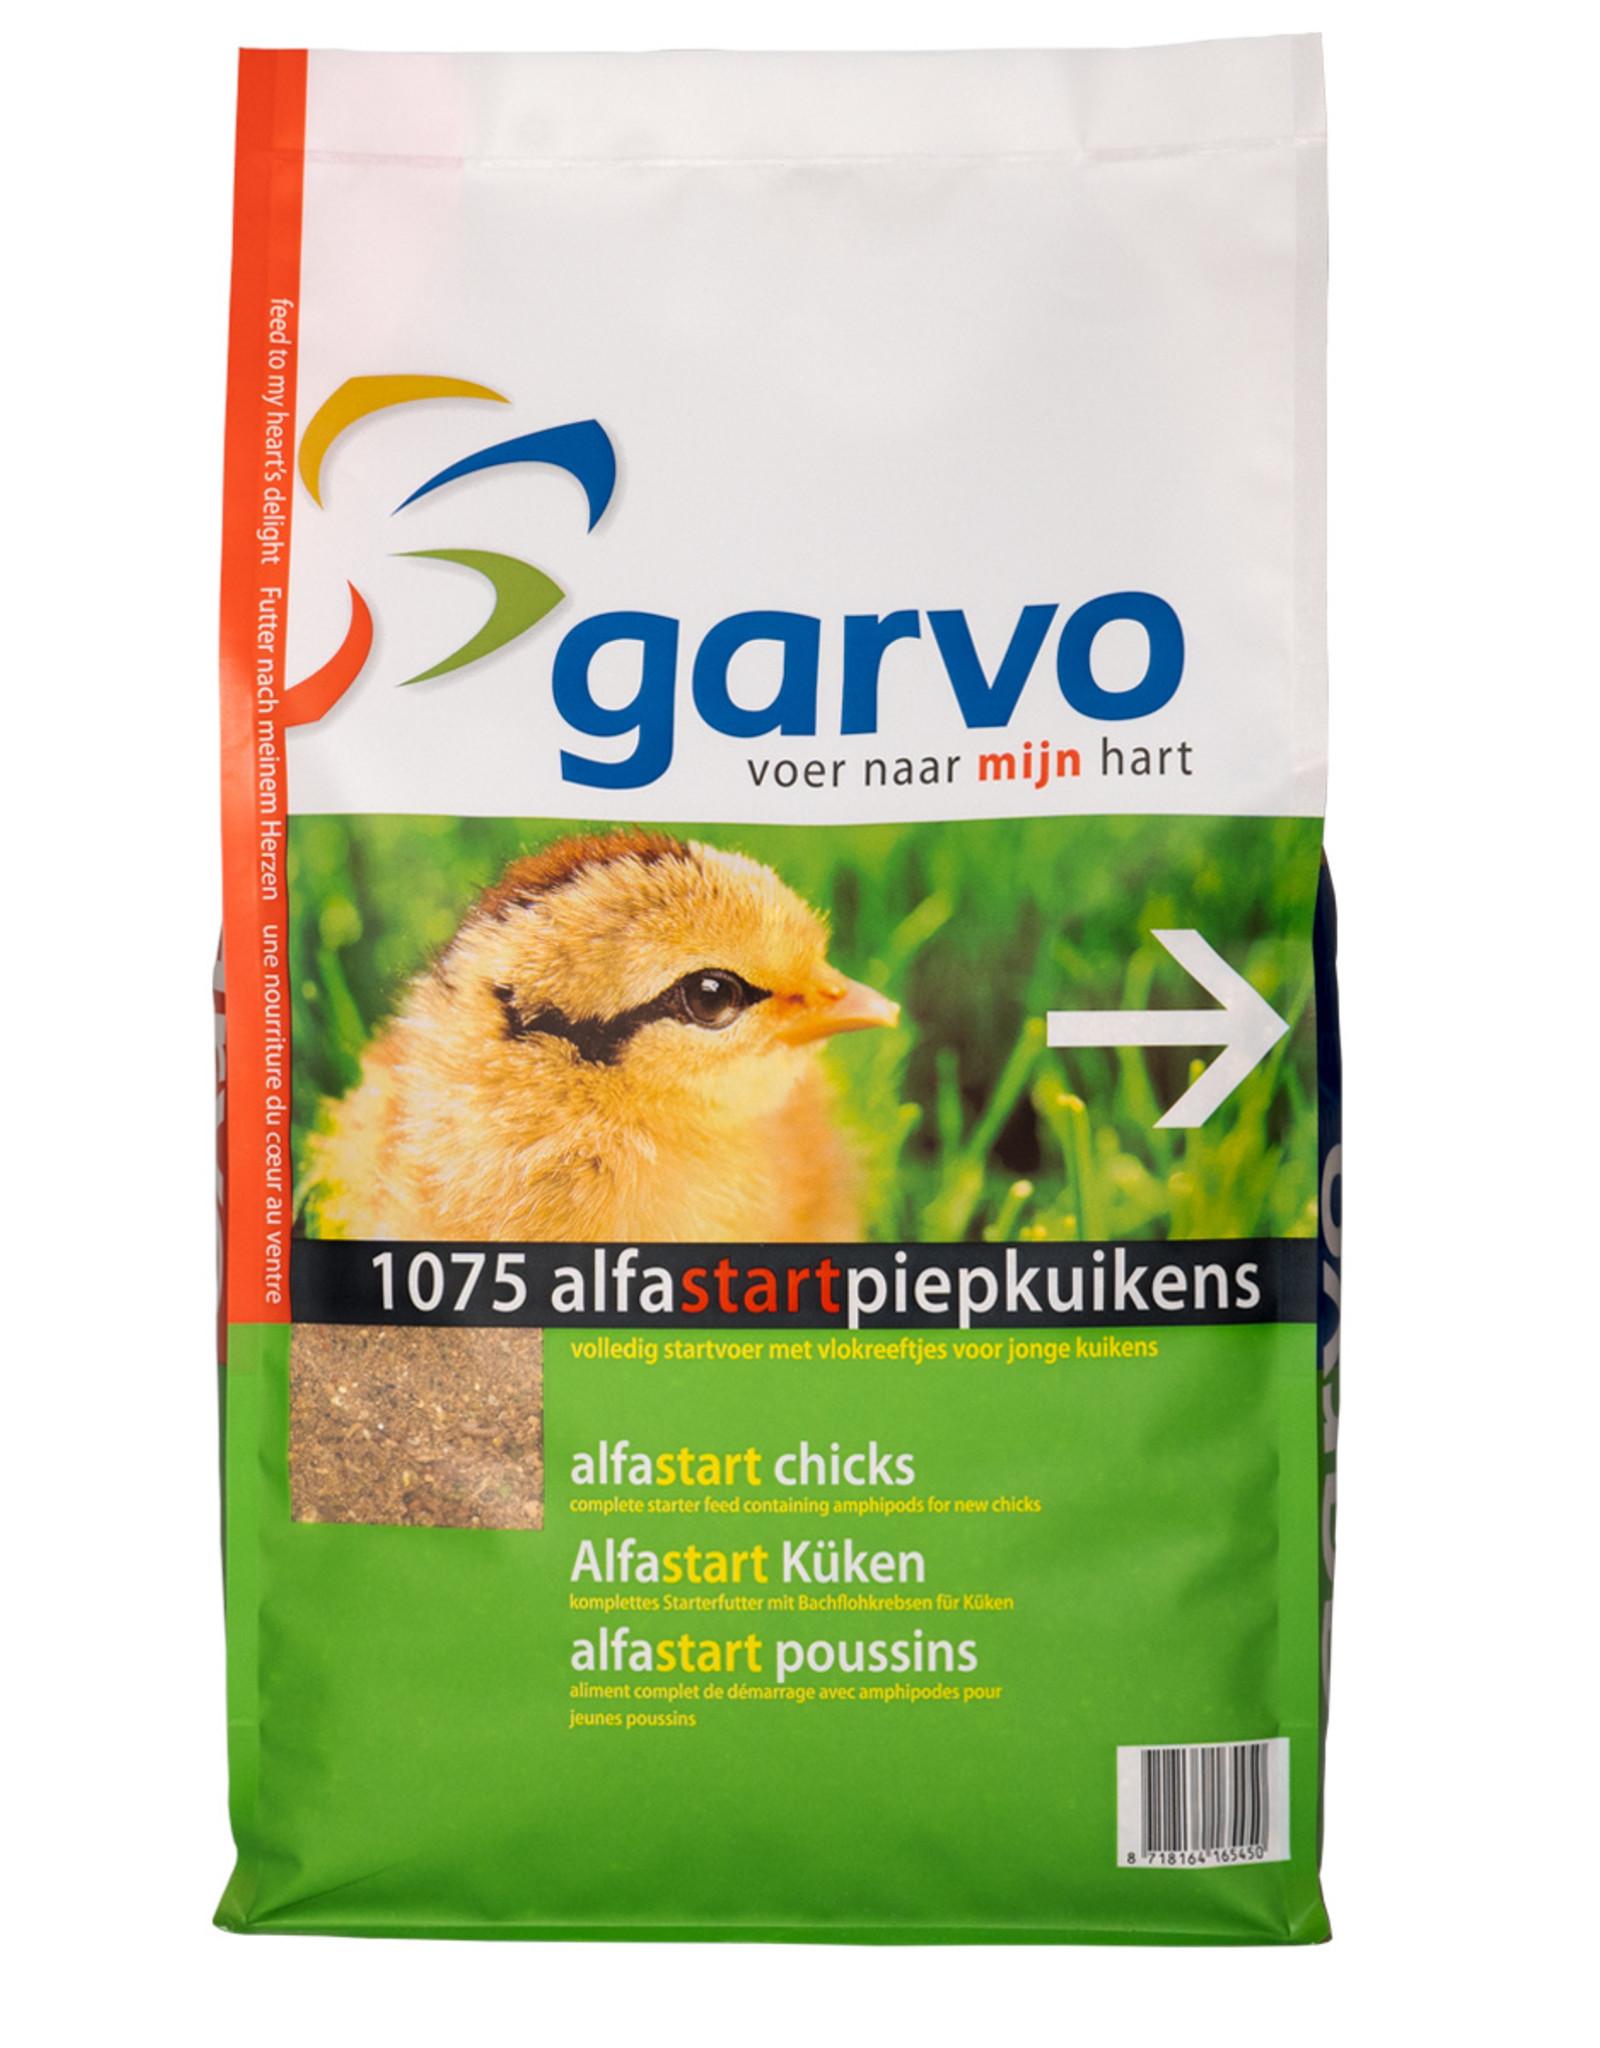 Garvo Alfastart piepkuiken - 4 KG